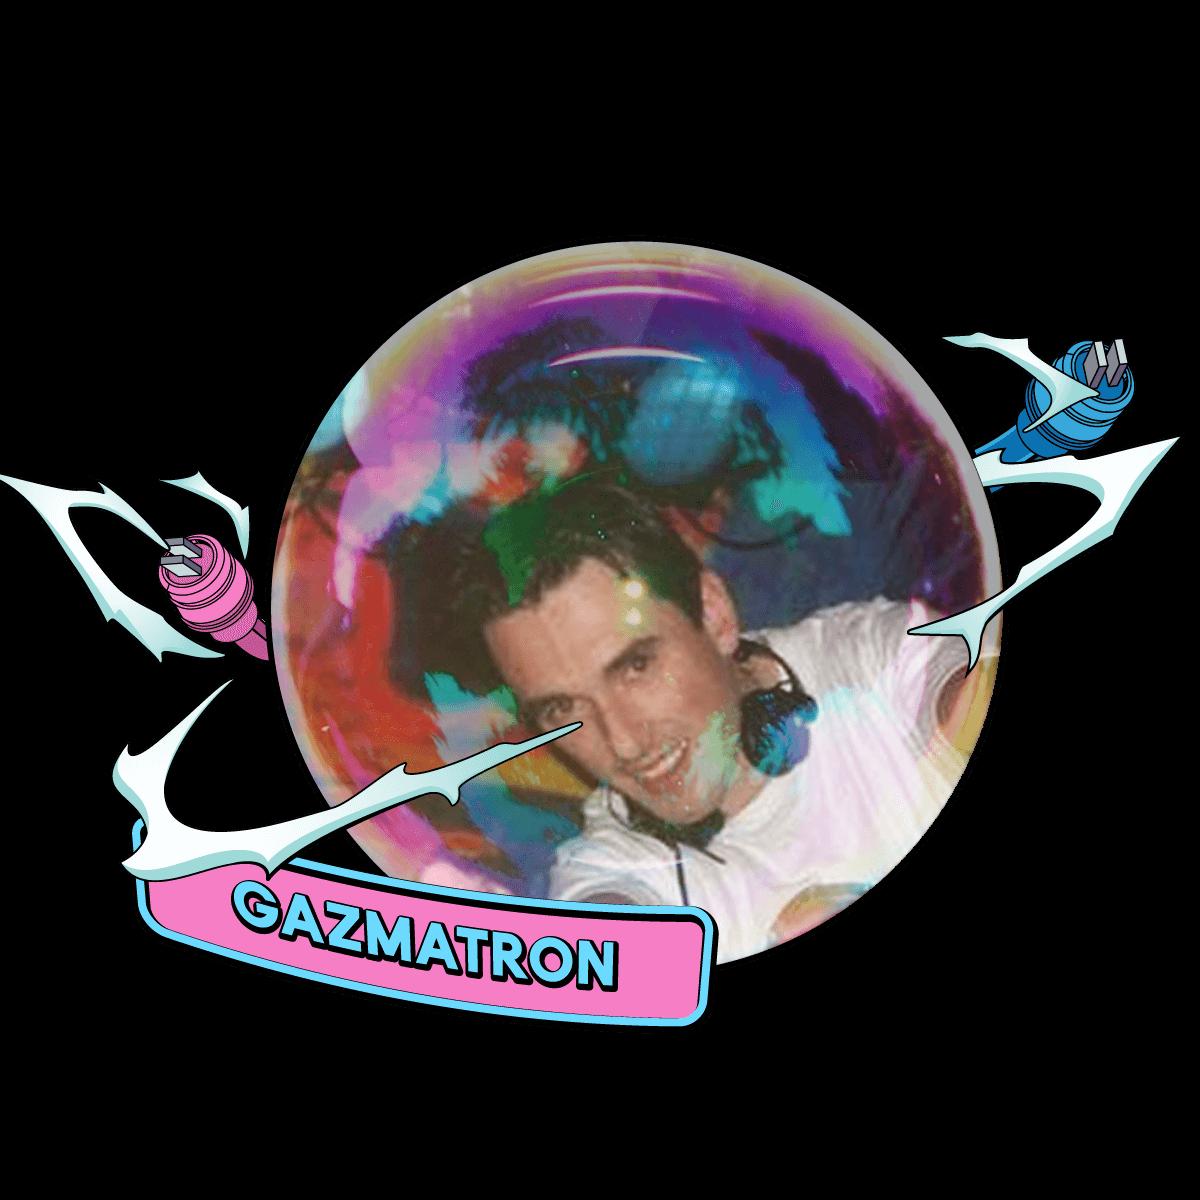 Gazmatron